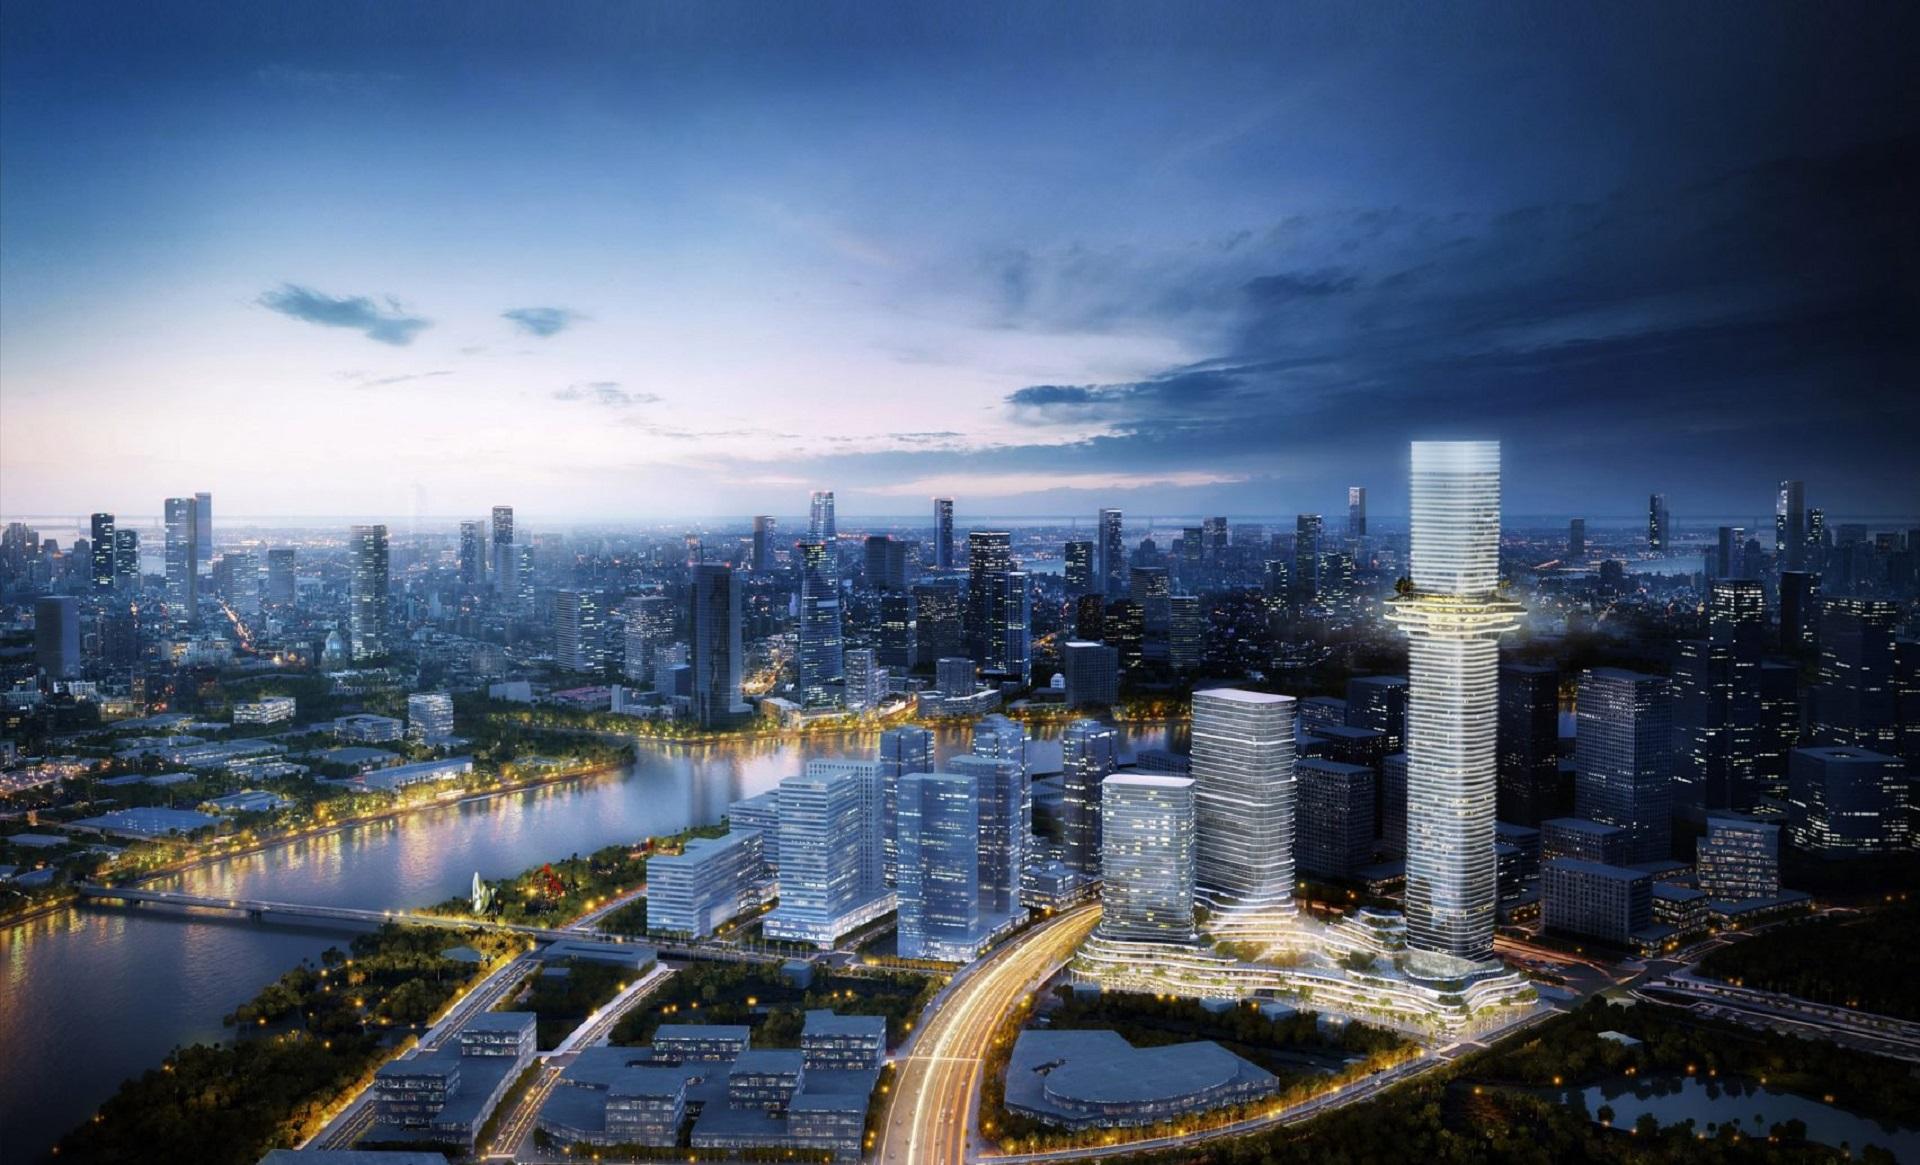 Dự án căn hộ Empire City Thủ thiêm tại quận 2, thành phố Thủ Đức, Tp.HCM.